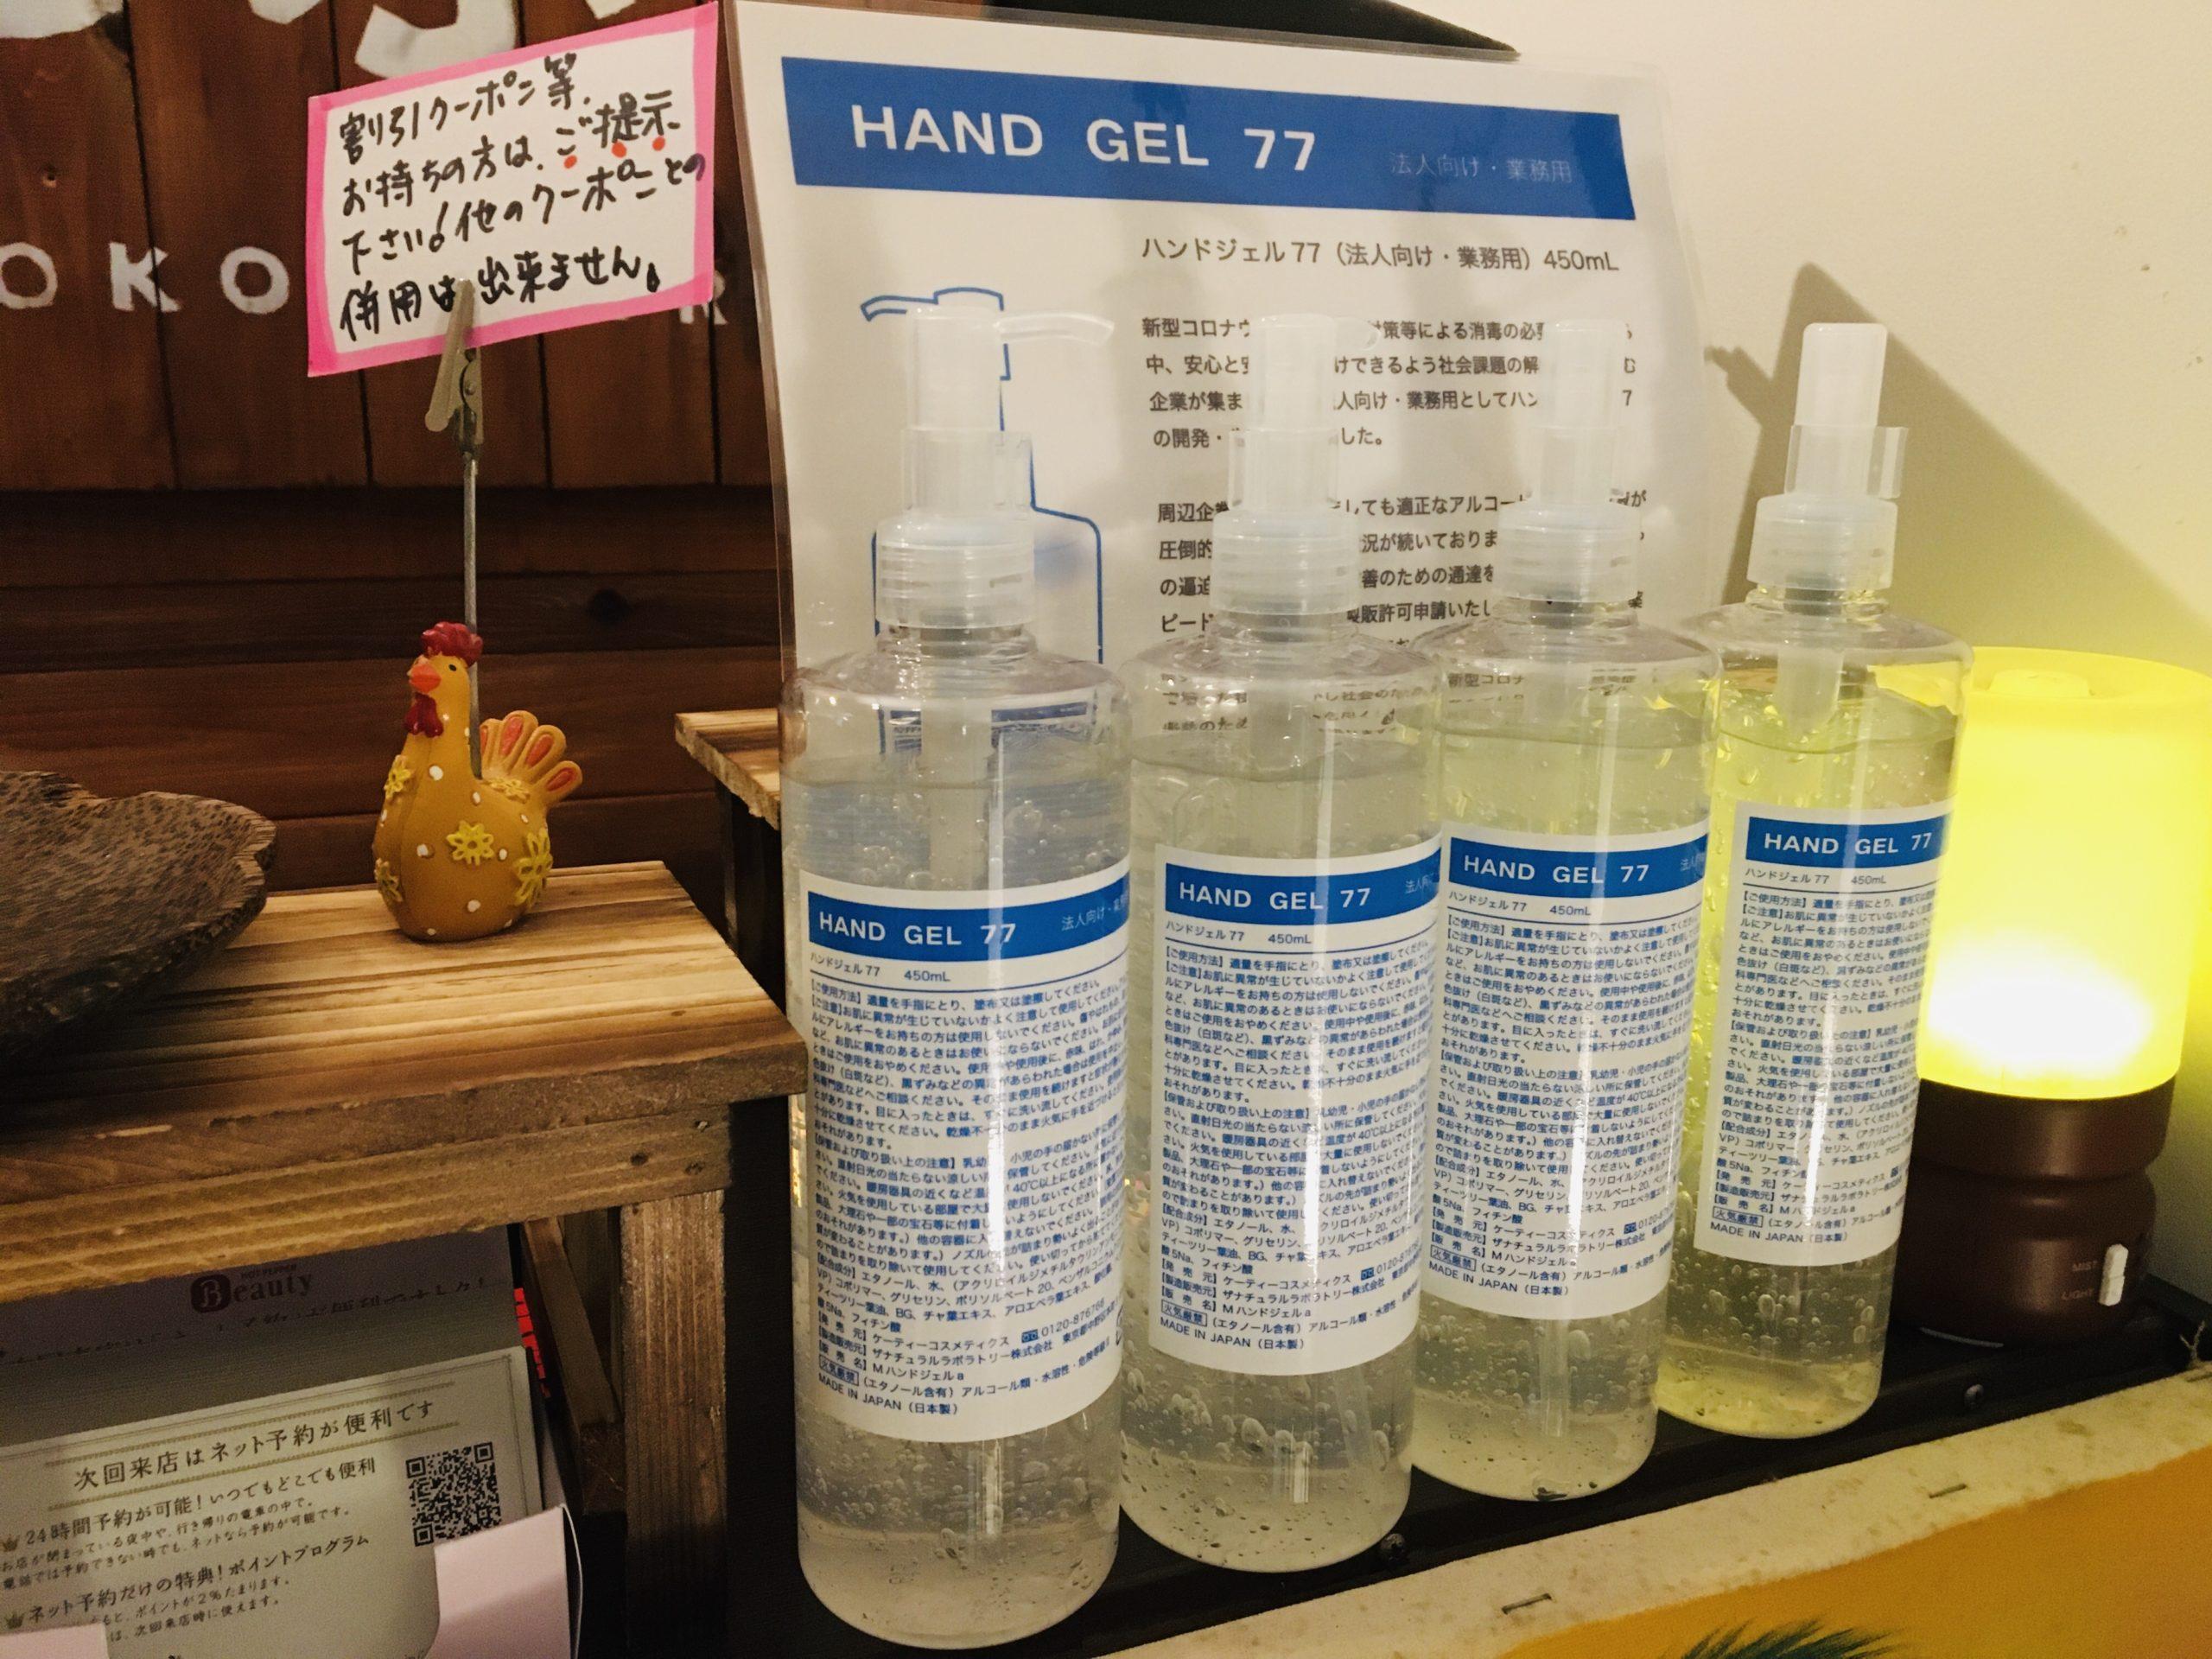 アルコール濃度77%日本製ハンドジェル